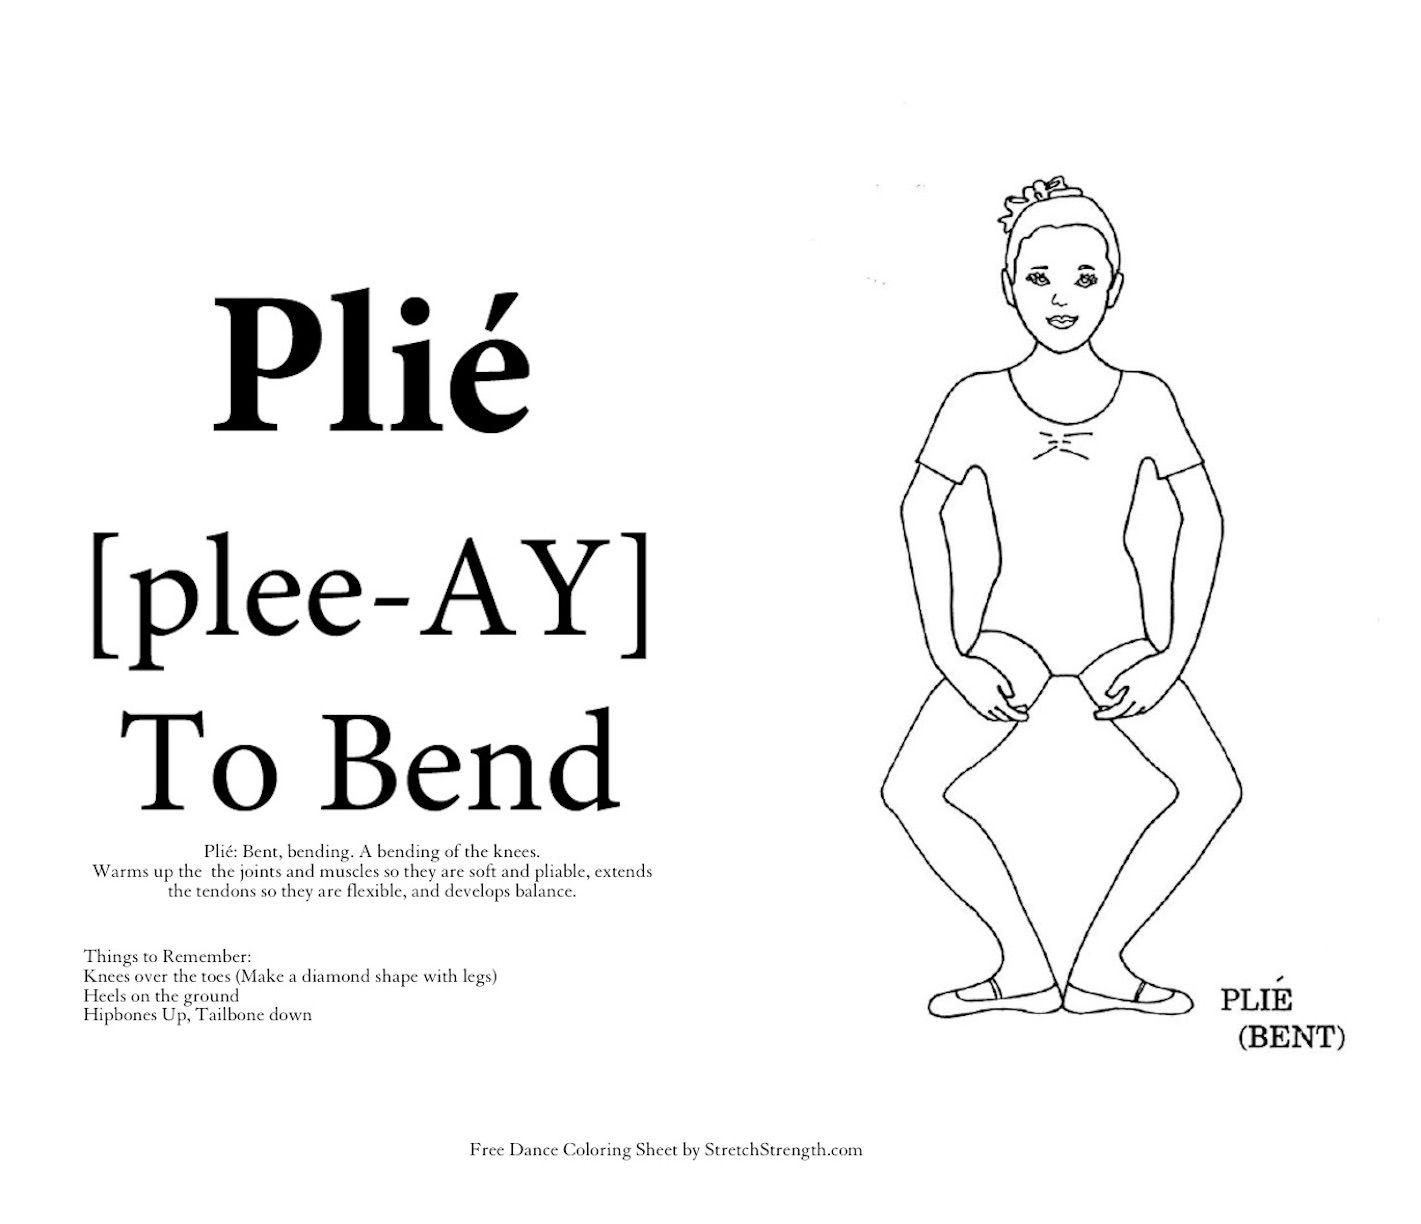 Free Ballet Dancer Vocabulary Coloring Sheet - Plié ...